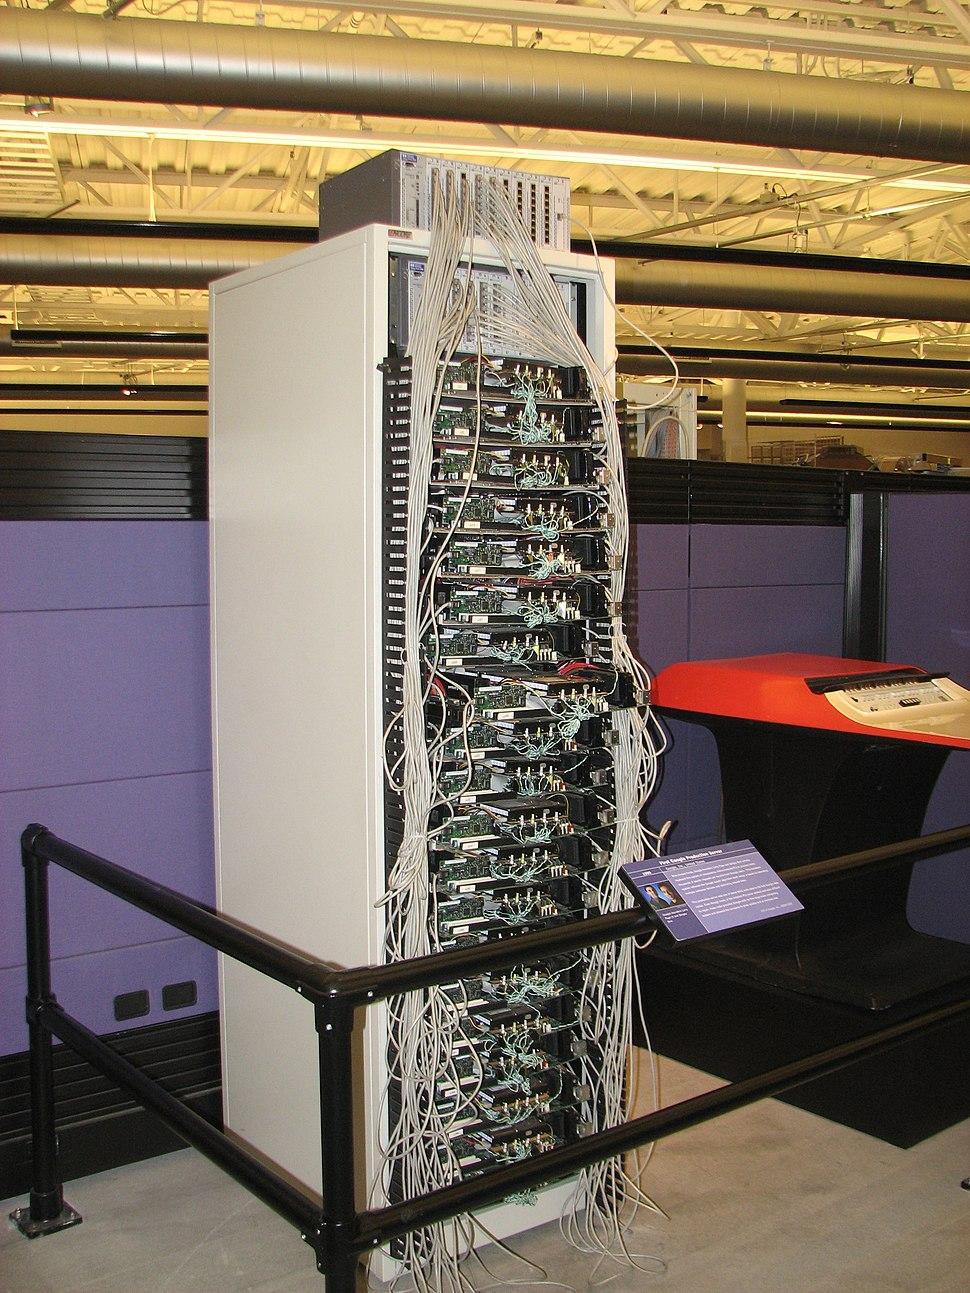 Googles First Server